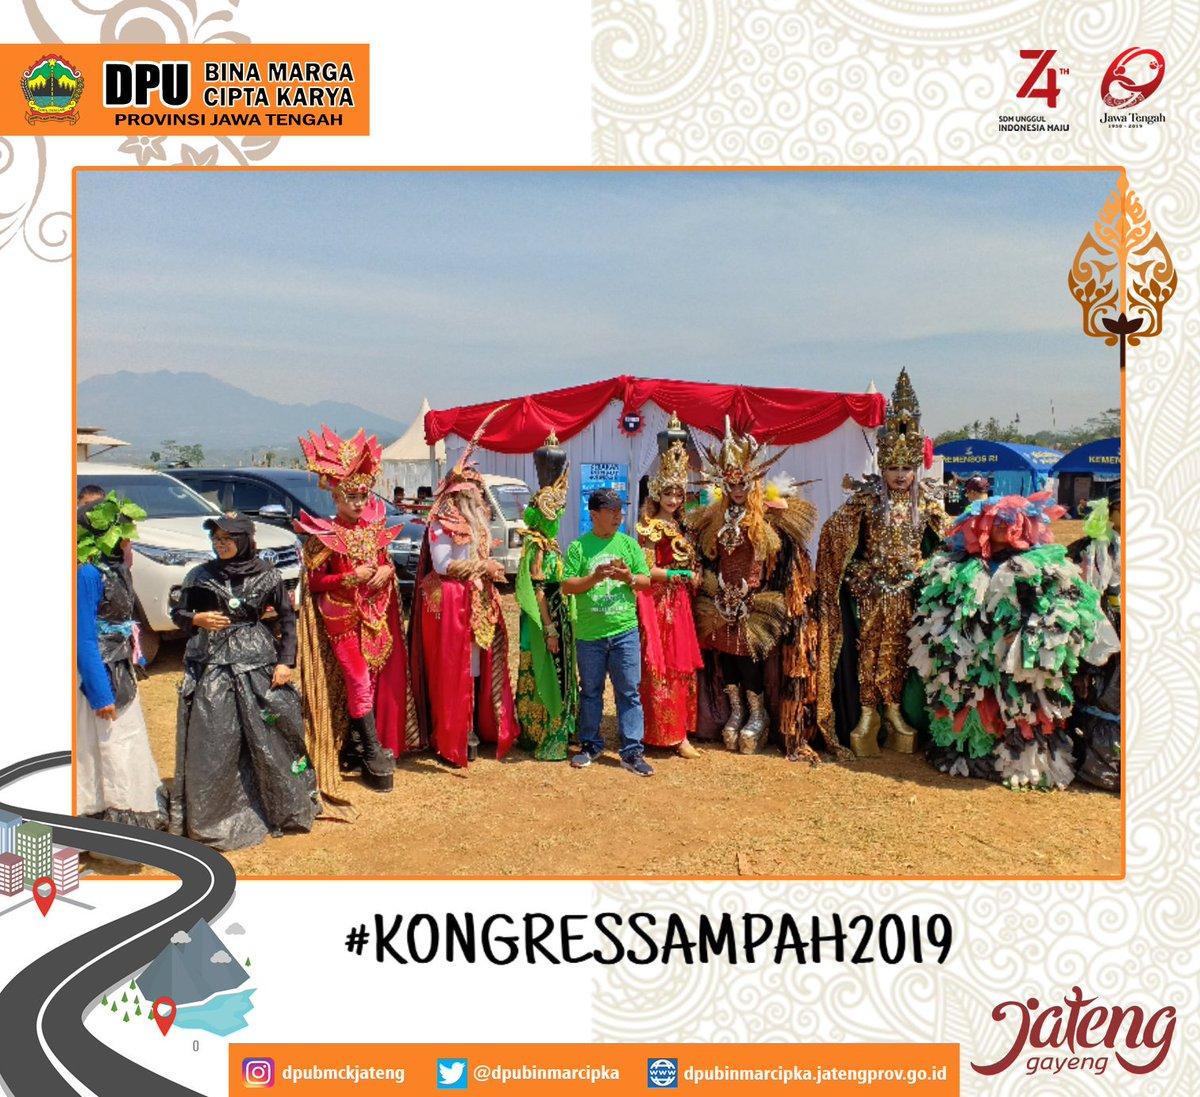 Keseruan #kongressampah2019 yang di adakan di desa kesongo,kec. Tuntang, kab. Semarang, tanggal 12-13 oktober 2019 #KongresSampahJateng #JatengGayeng #ganjarpranowo